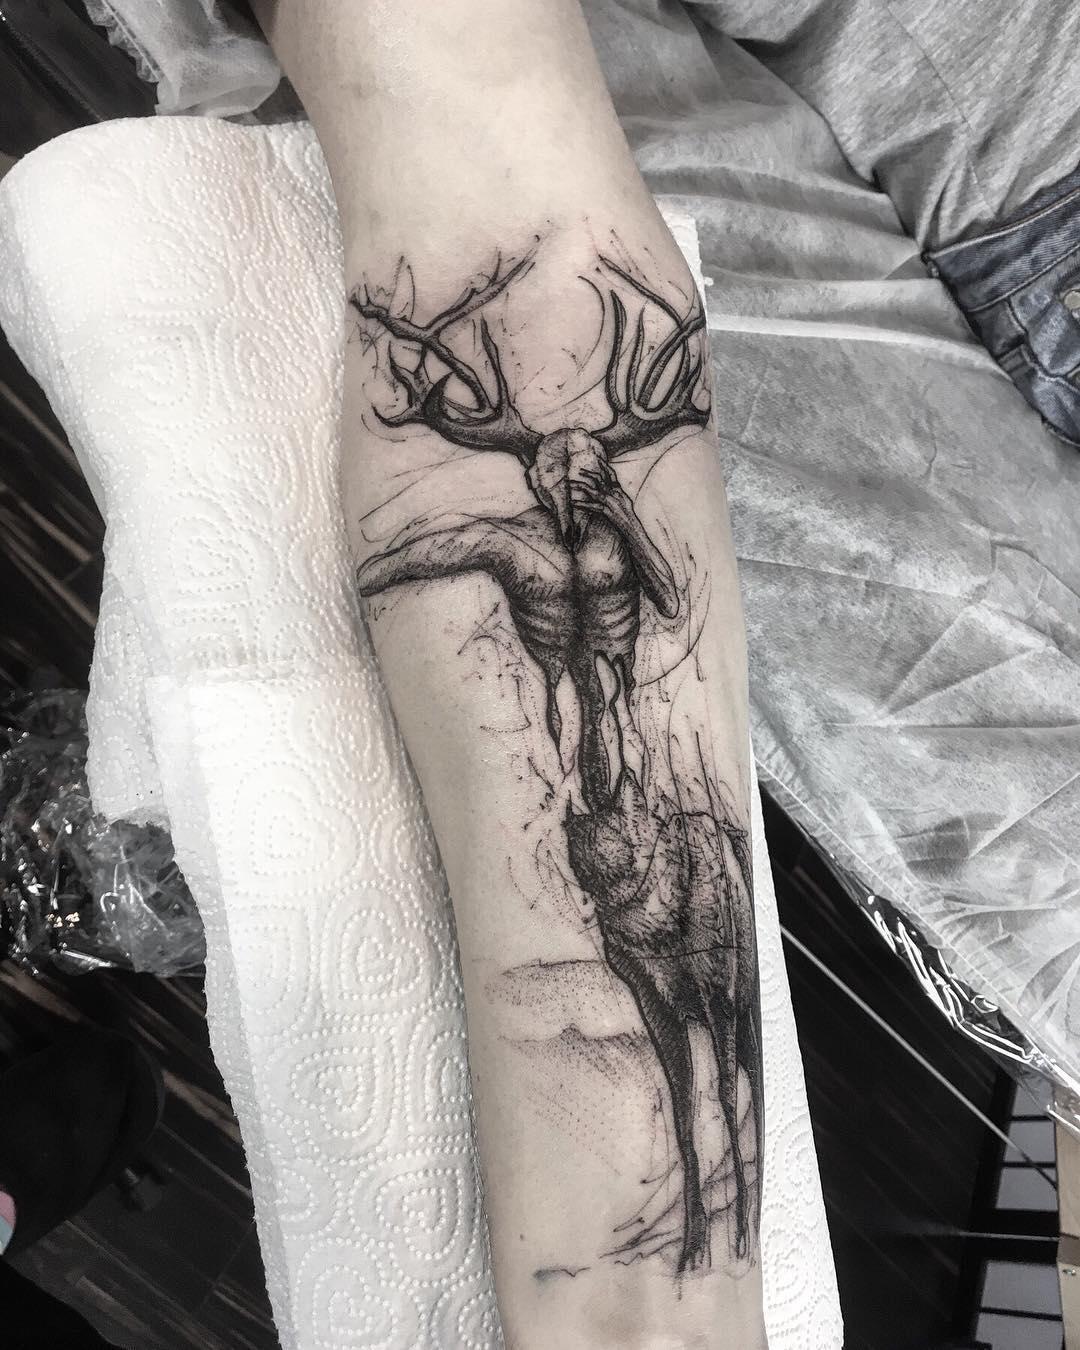 小臂暗黑甩线风麋鹿纹身图案